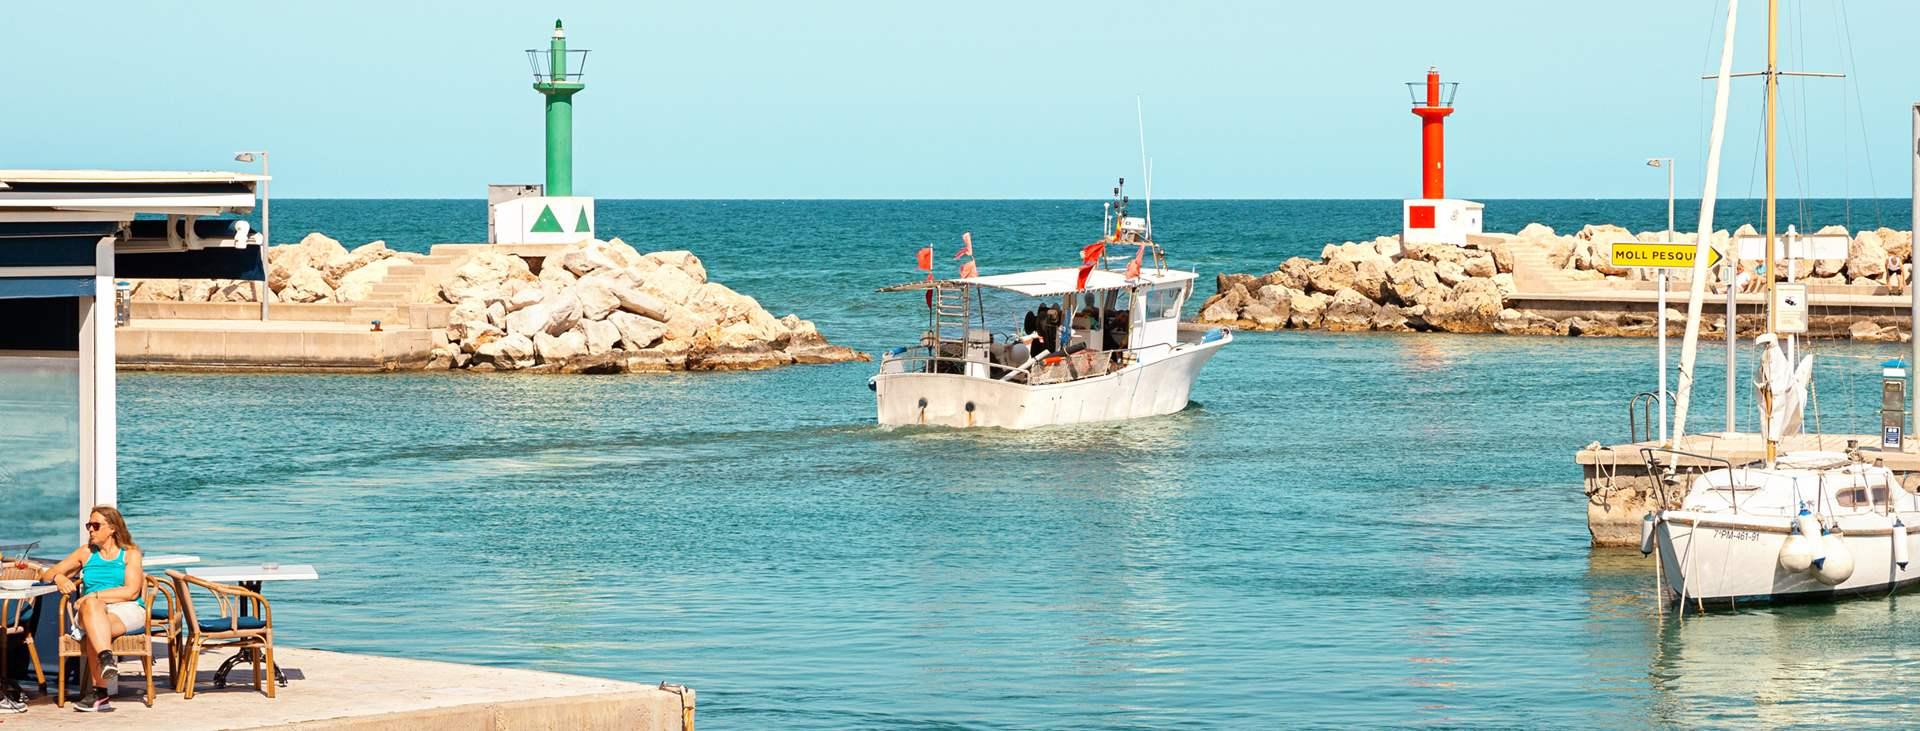 Bestill en reise med All Inclusive til Cala Bona på Mallorca